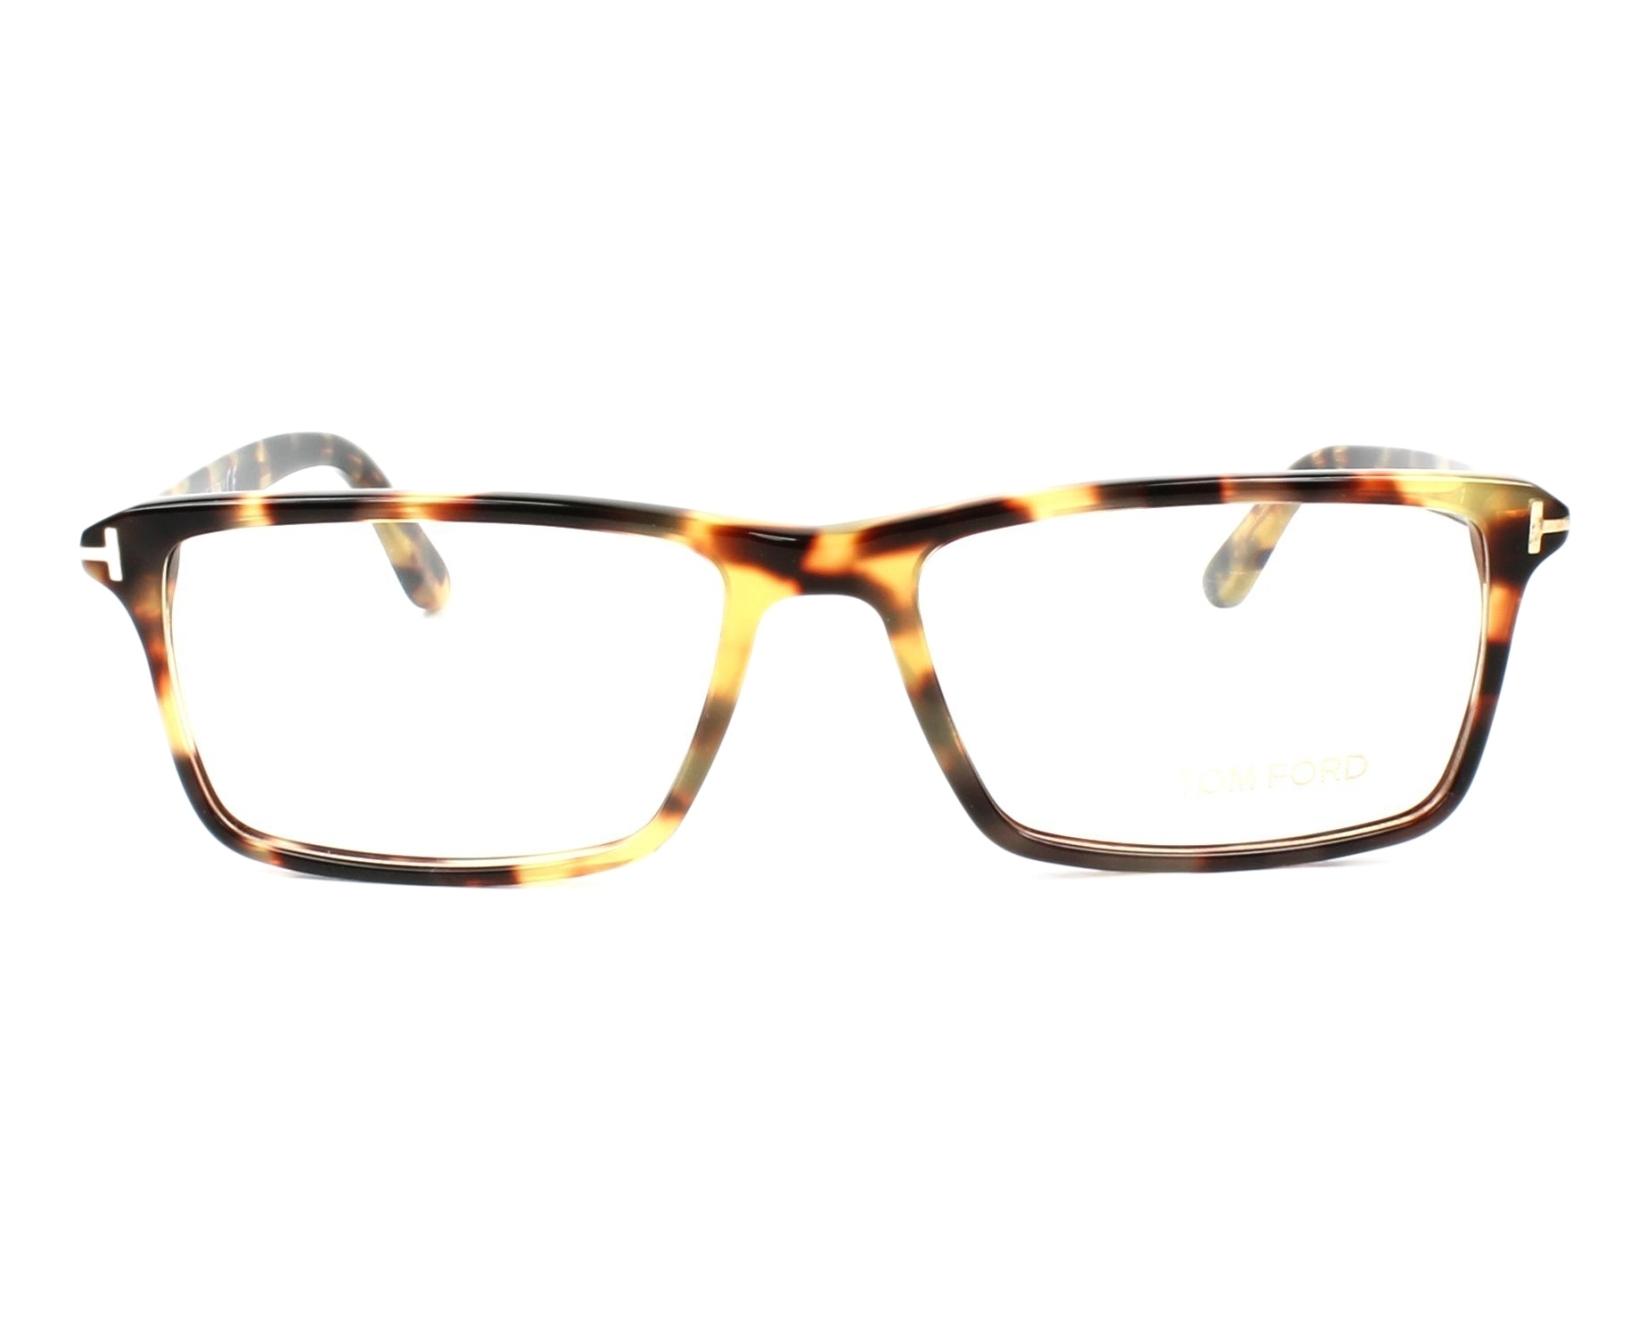 tom ford eyeglasses tf 5408 056 havana visionet usa. Black Bedroom Furniture Sets. Home Design Ideas